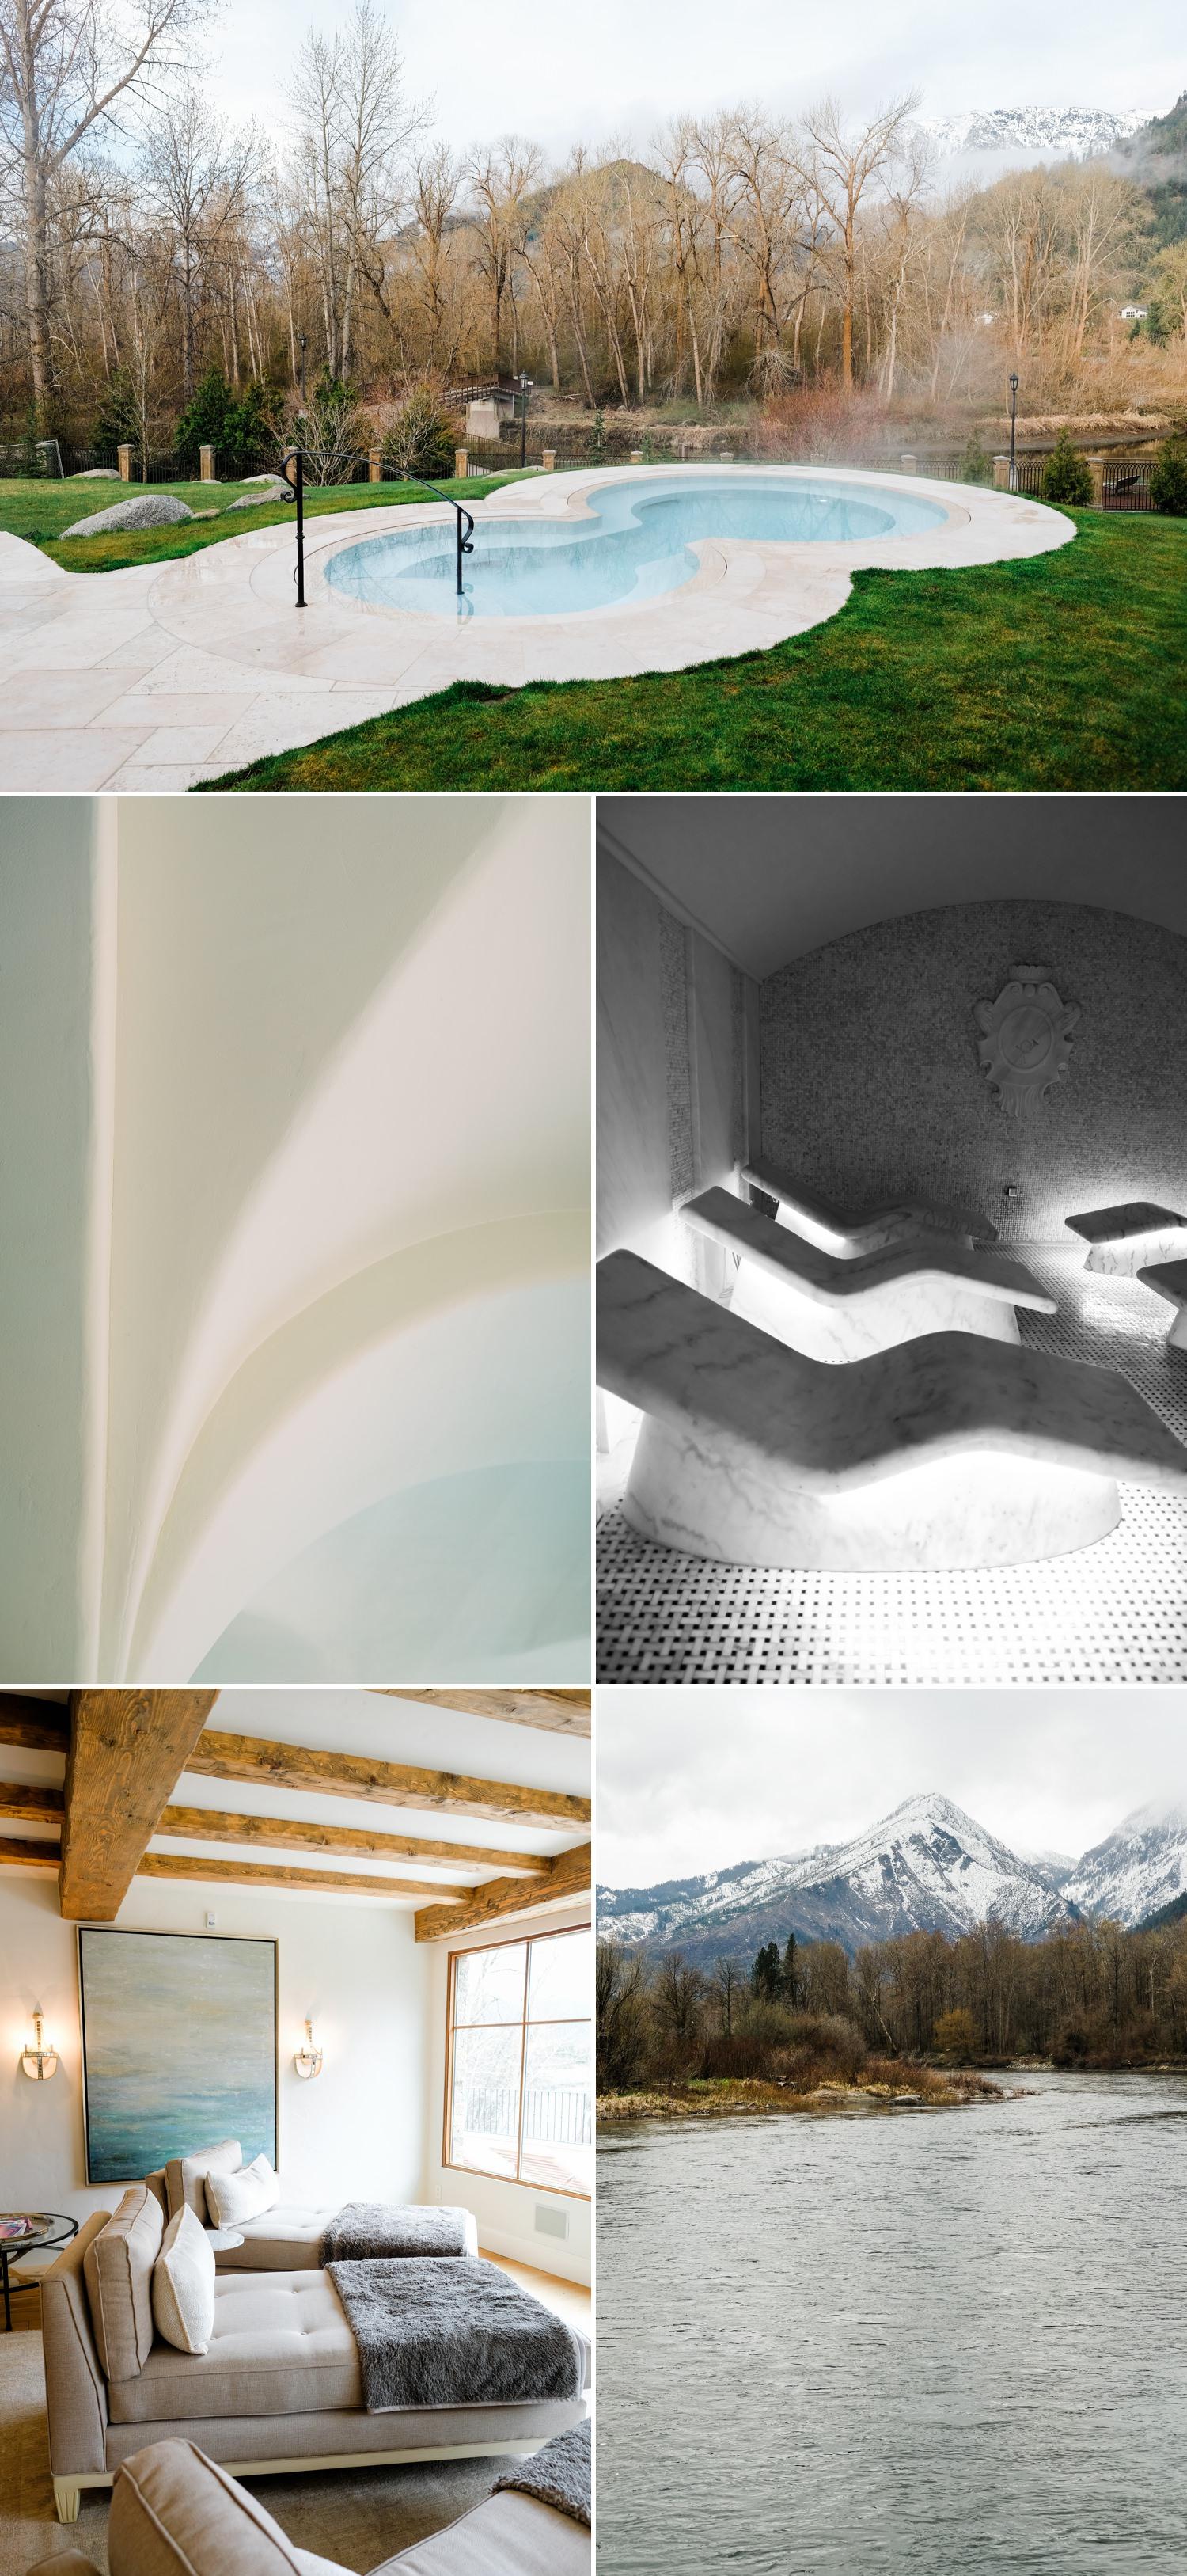 posthotel-leavenworth-honeymoon-cameron-zegers-photography-7.jpg